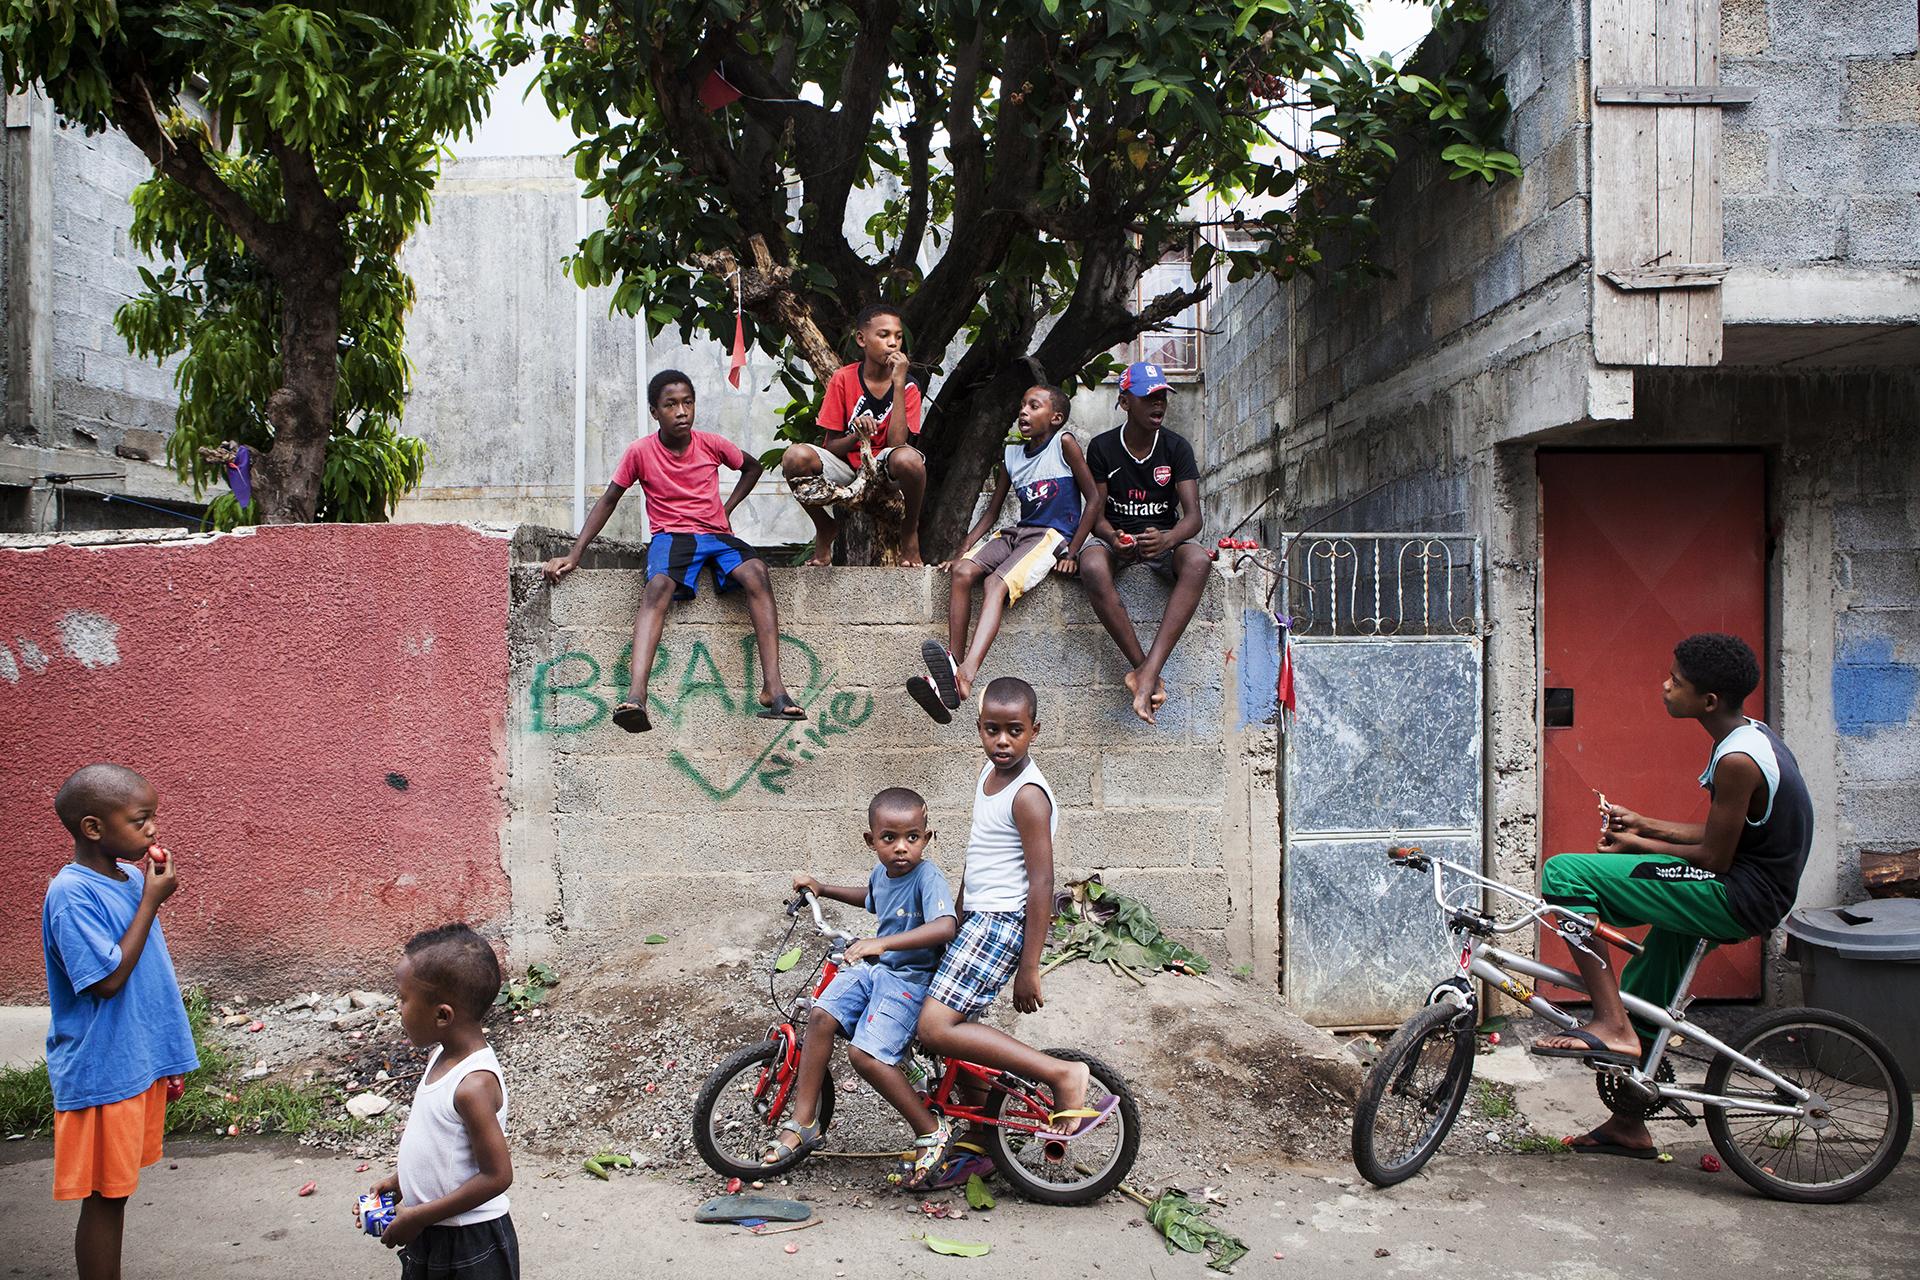 La journée la vie bat son plein dans le quartier de batterie cassée. Les rues sont animées, les familles sortent sur le bitume, les enfants jouent simplement. Le soir venu, il faut rentrer. Fermer les portes. Le quartier est devenu dangereux. De plus en plus. Ici se retrouvent les Chagossiens, les Rodriguais et les oubliés du miracle mauricien.L'insécurité monte dans l'île. Partout. En même temps que les inégalités. Principe élémentaire des vases communicants de l'économie sociale. Les quartiers aisés deviennent des forteresses. Les quartiers pauvres des poudrières. « Aux Chagos on vivait simplement, il n'y avait pas tous ces problèmes. »Cette phrase pourrait être attribuée à n'importe quel Chagossien.